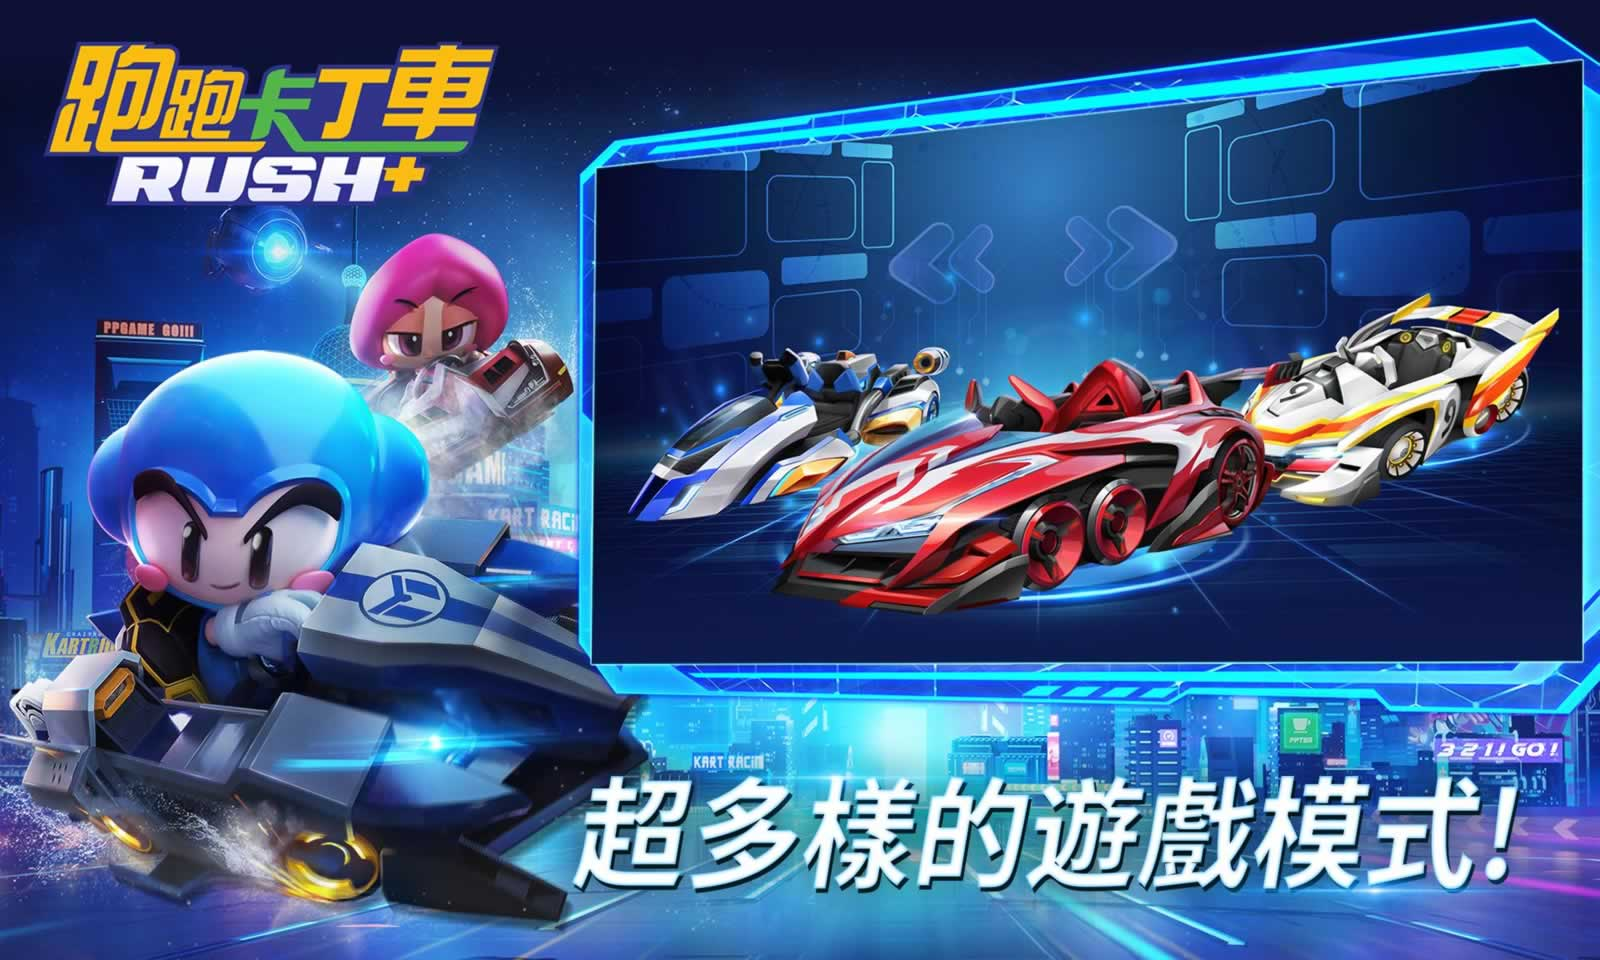 跑跑卡丁车手机单机版中文版游戏截图